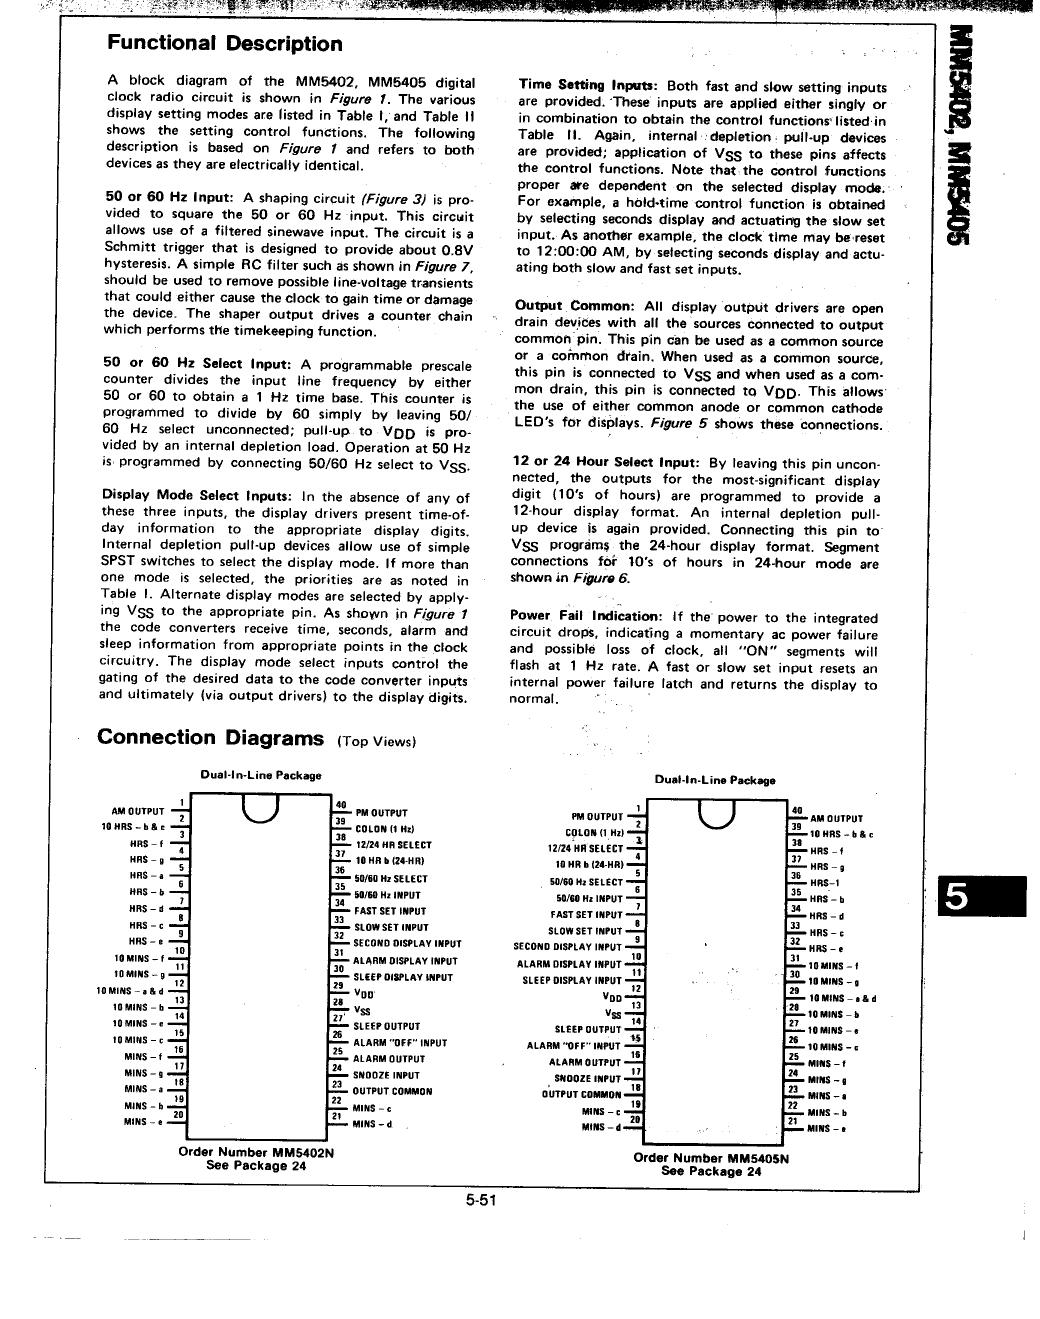 MM5405 pdf, 電子部品, 半導体, ピン配列